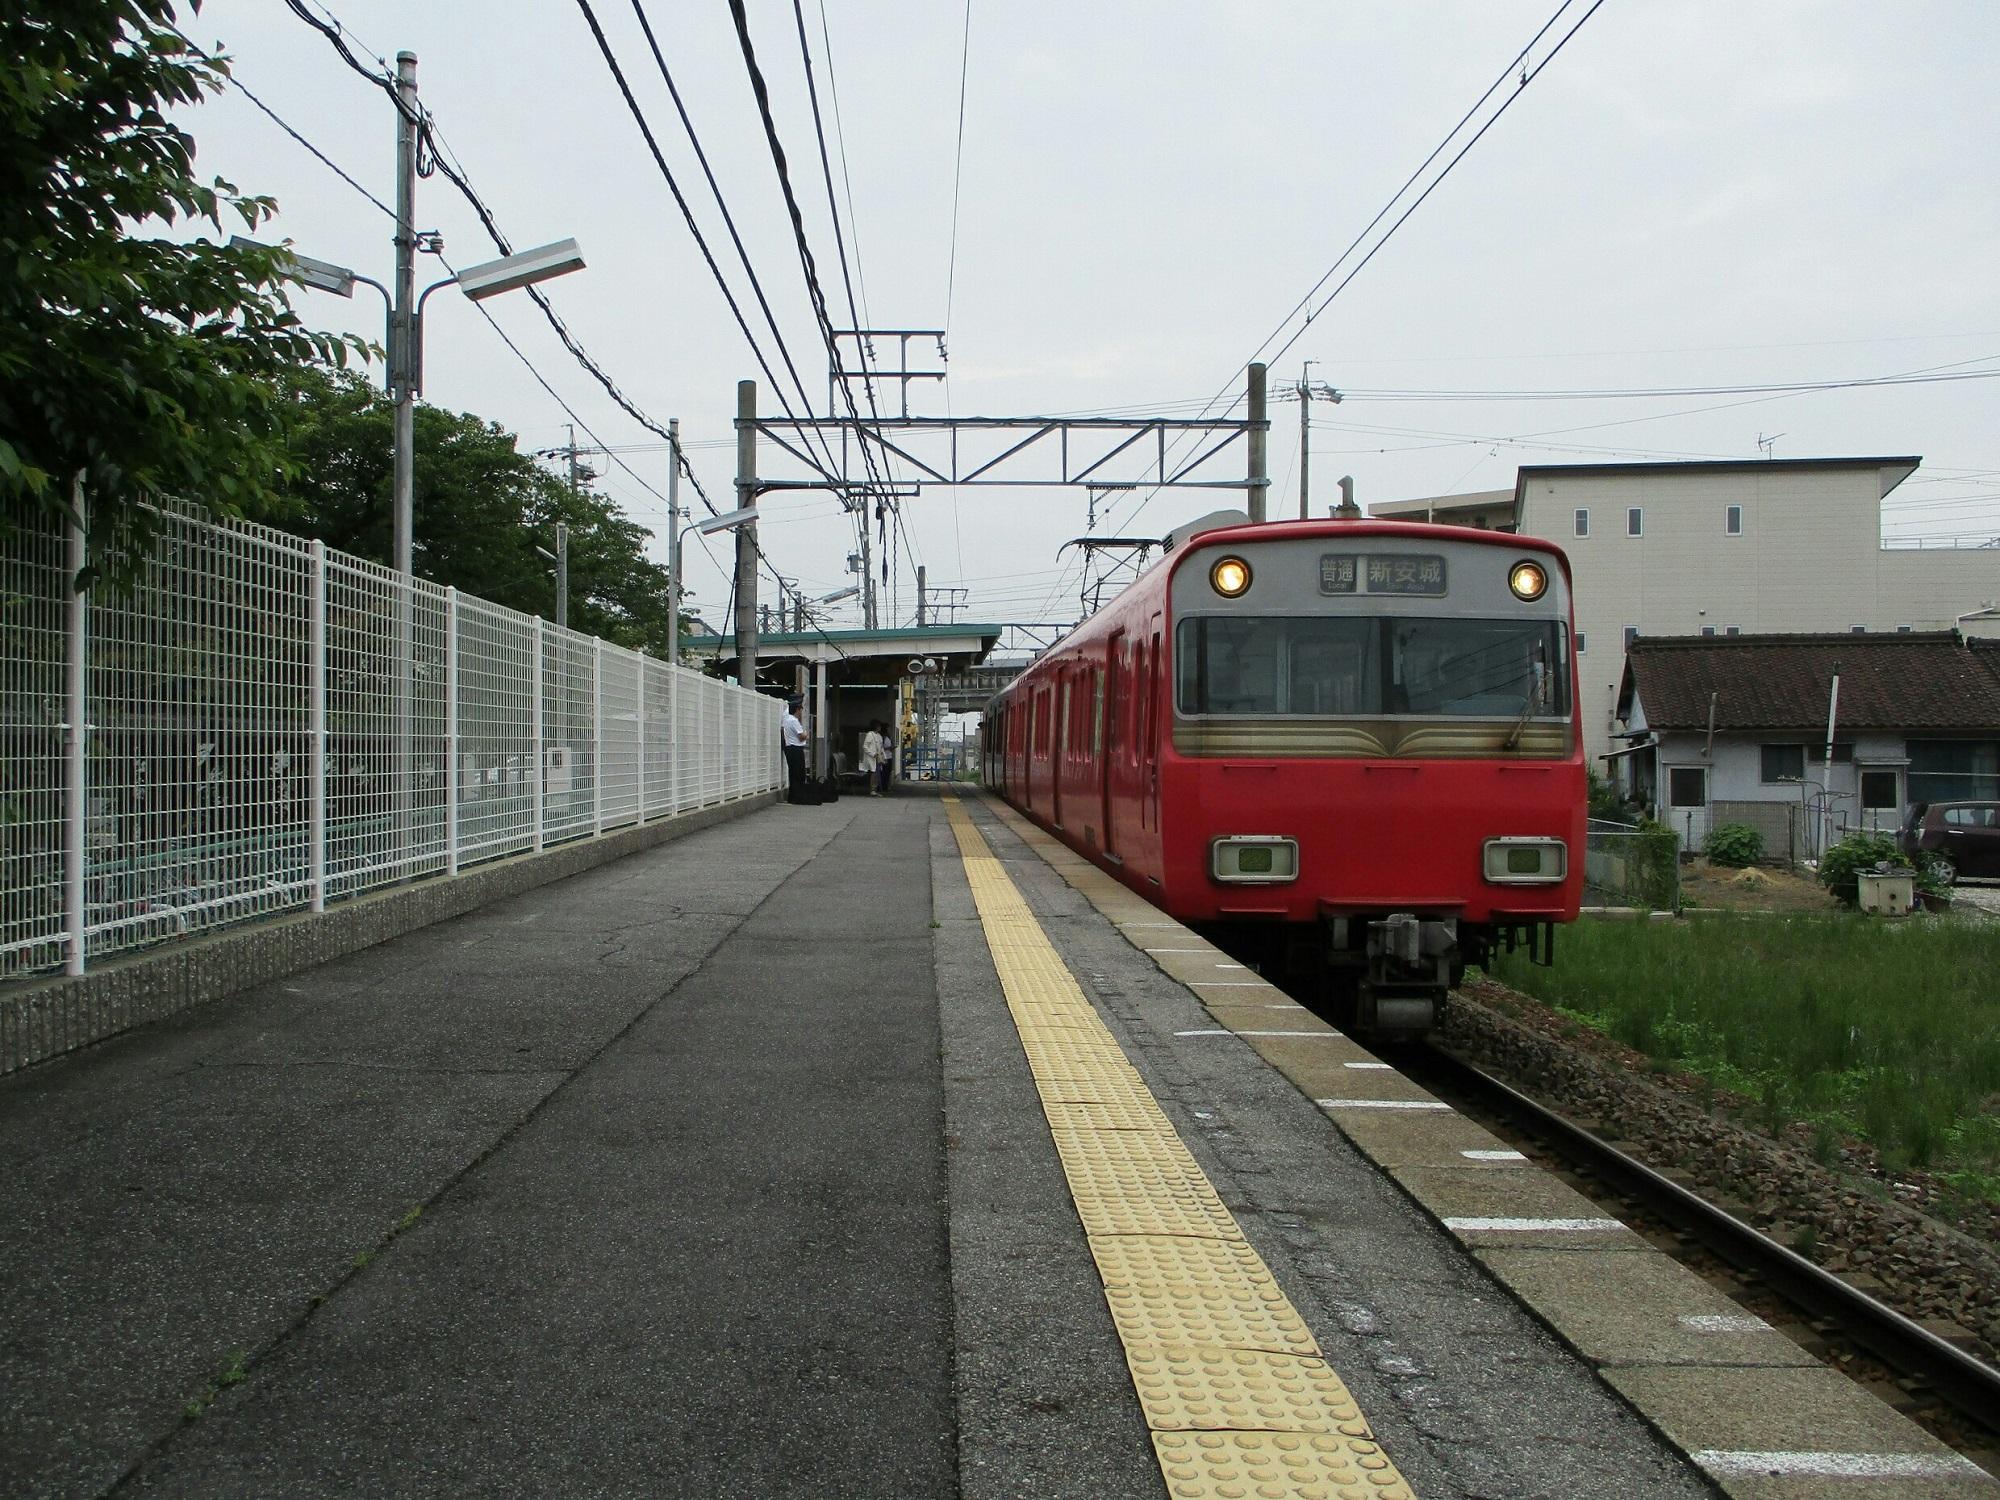 2018.6.10 (2) 古井 - しんあんじょういきふつう 2000-1500